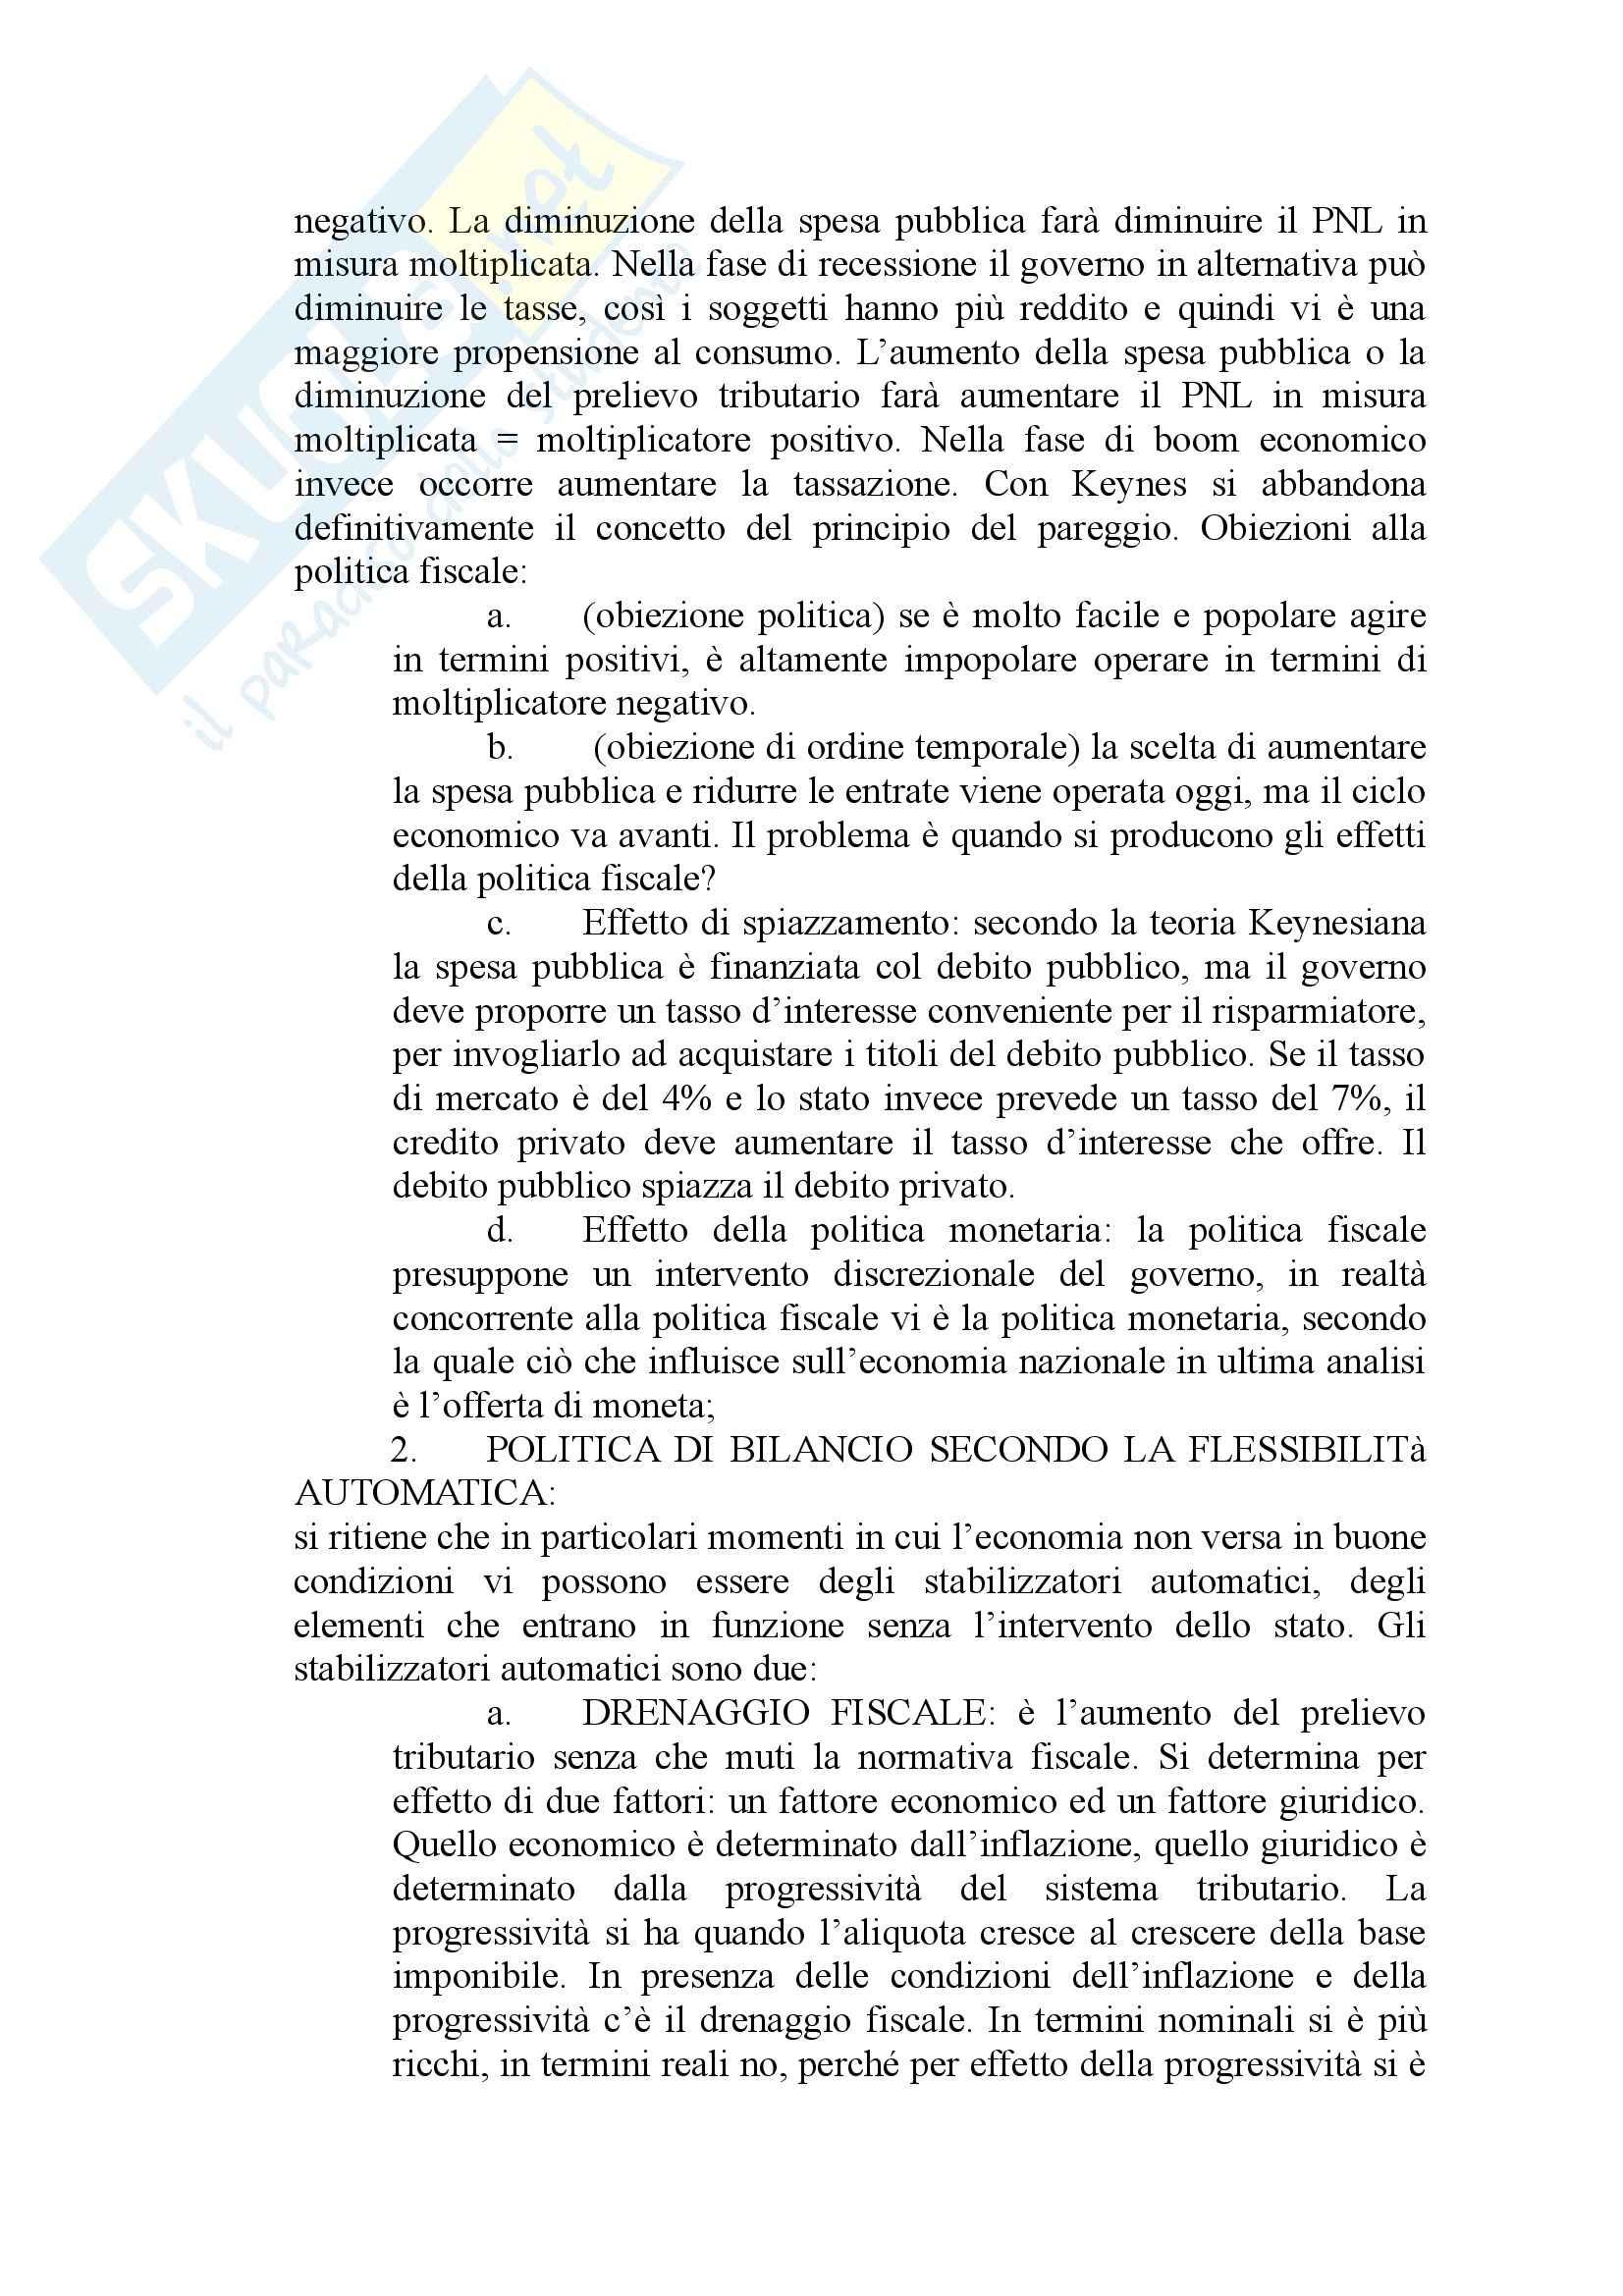 Scienza delle finanze - contabilità pubblica Pag. 61